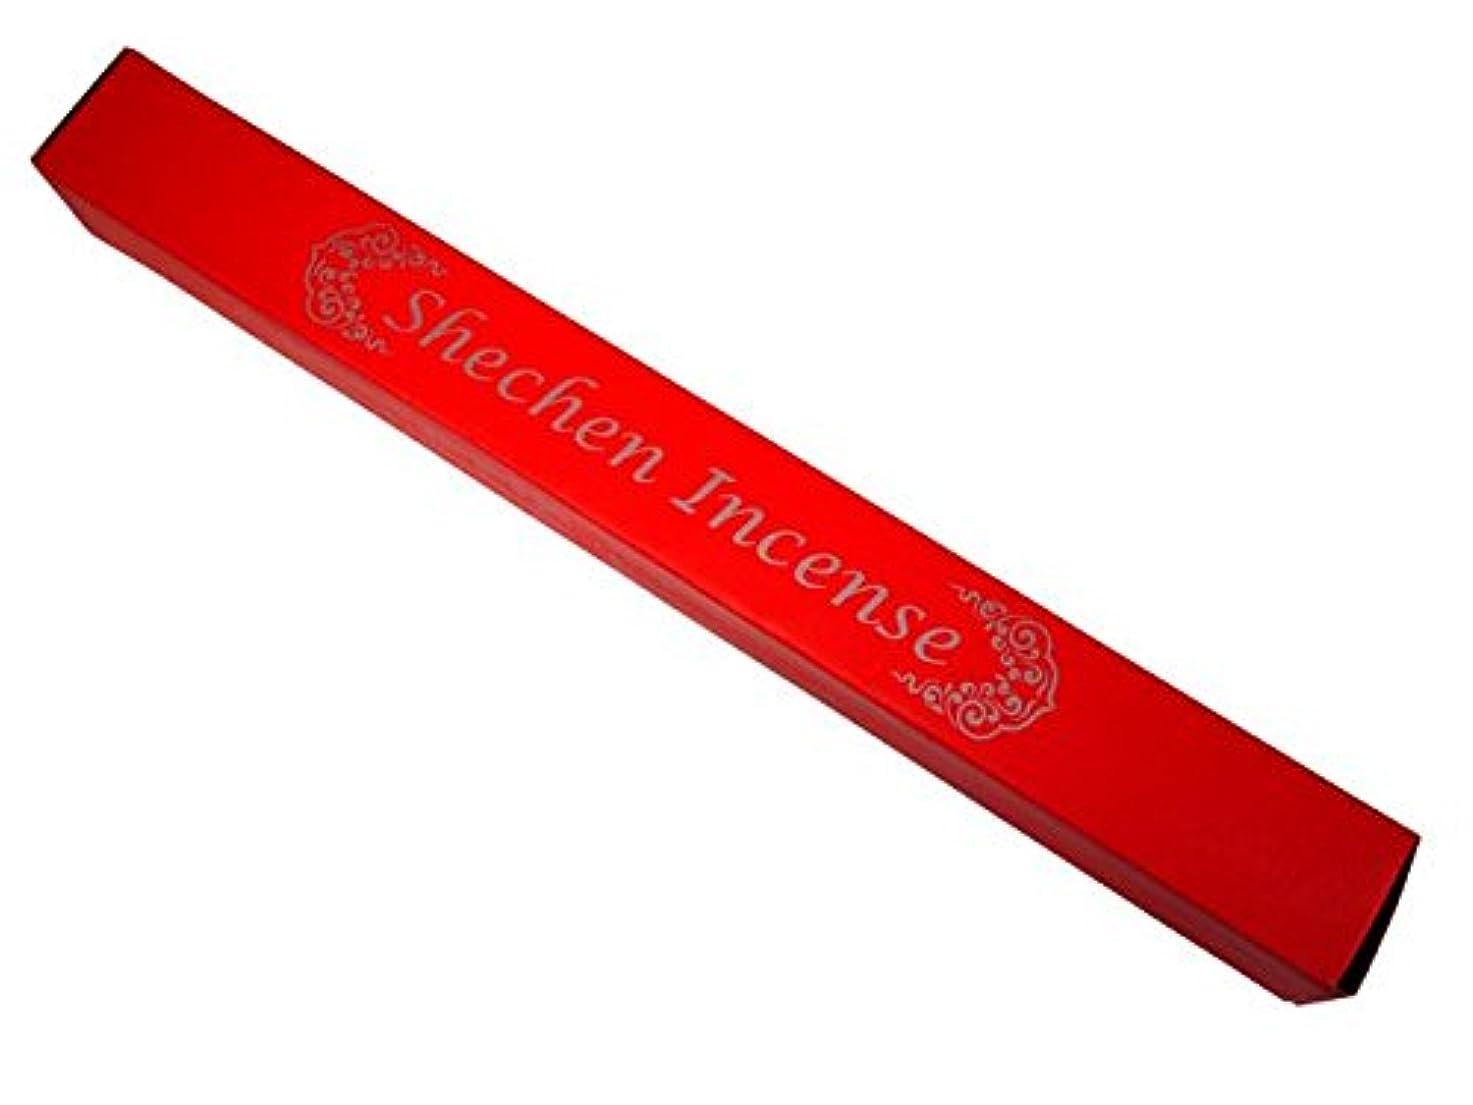 修復ラインナップ会話シェチェンモナストリ チベット仏教寺院シェチェンモナストリのお香【Shechen Incense RED】